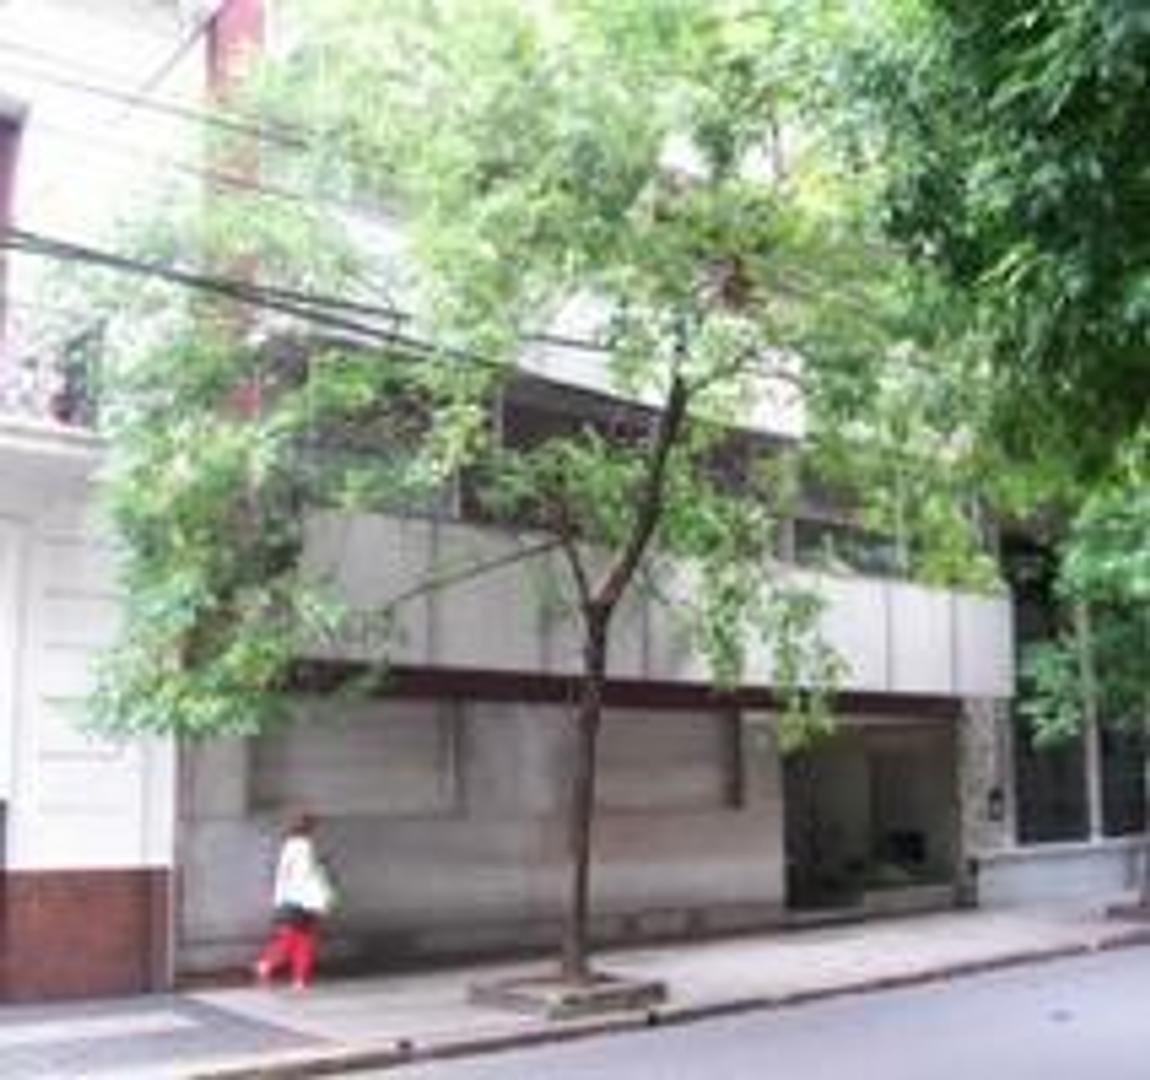 Barrio Norte 4 ambientes c/dep. - luminoso - 85 metros cuadrados - balcon al contrafrente